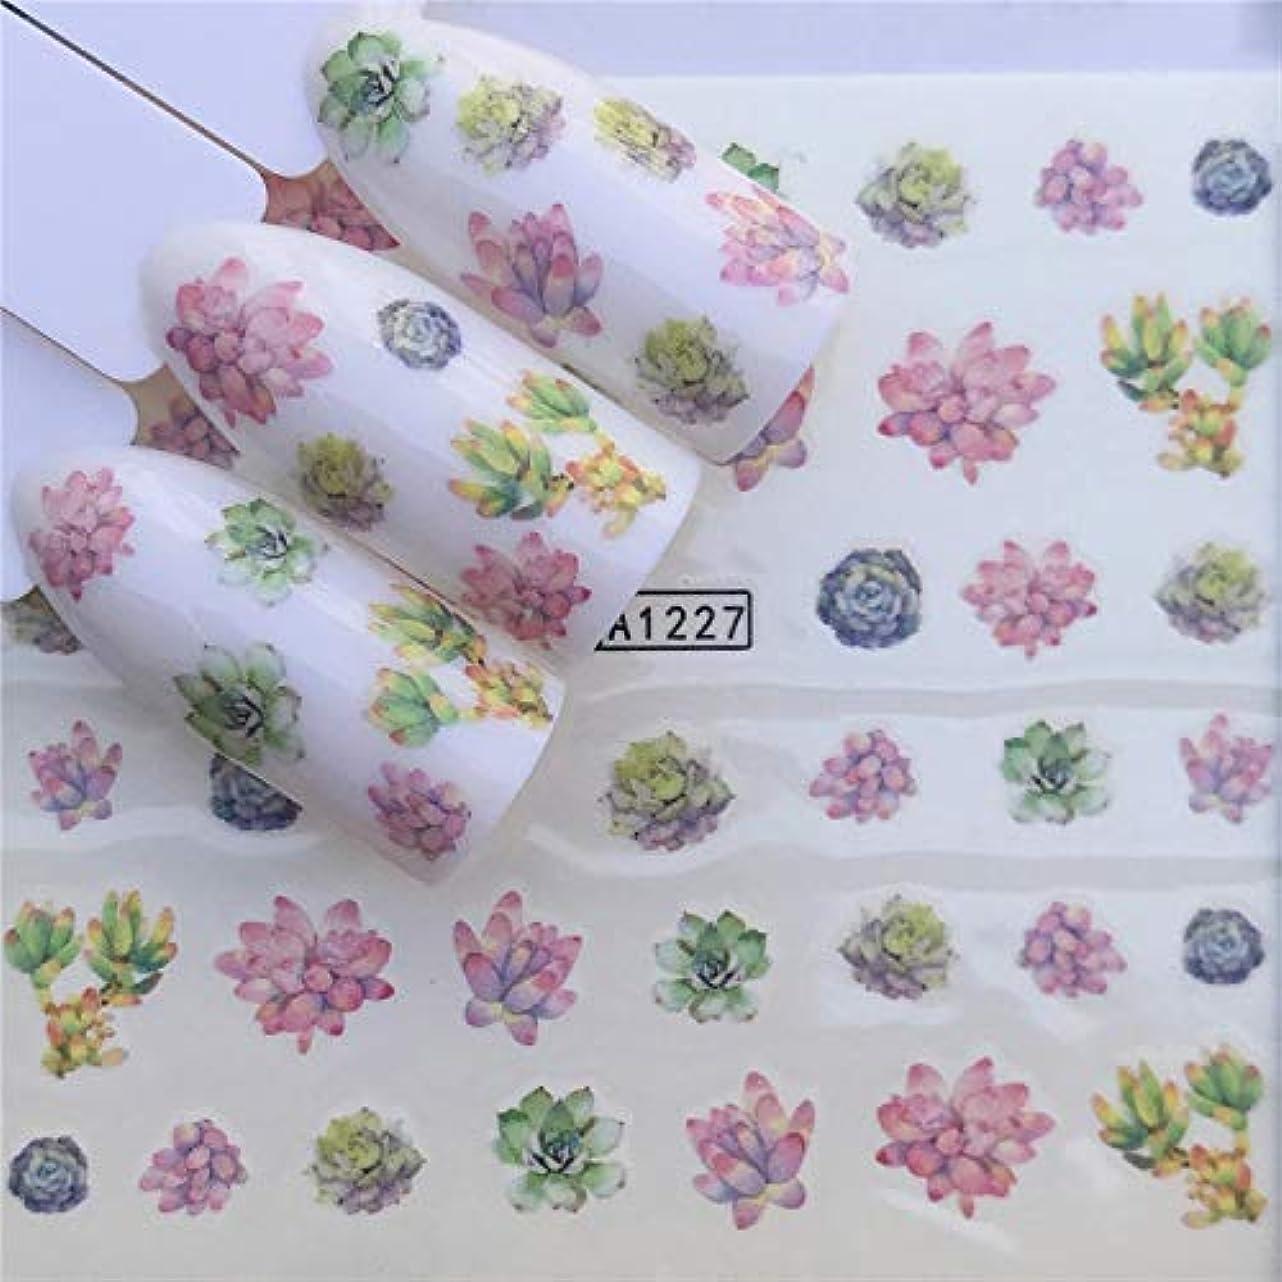 手足ビューティーケア 3個ネイルステッカーセットデカール水転写スライダーネイルアートデコレーション、色:YZWA 1227